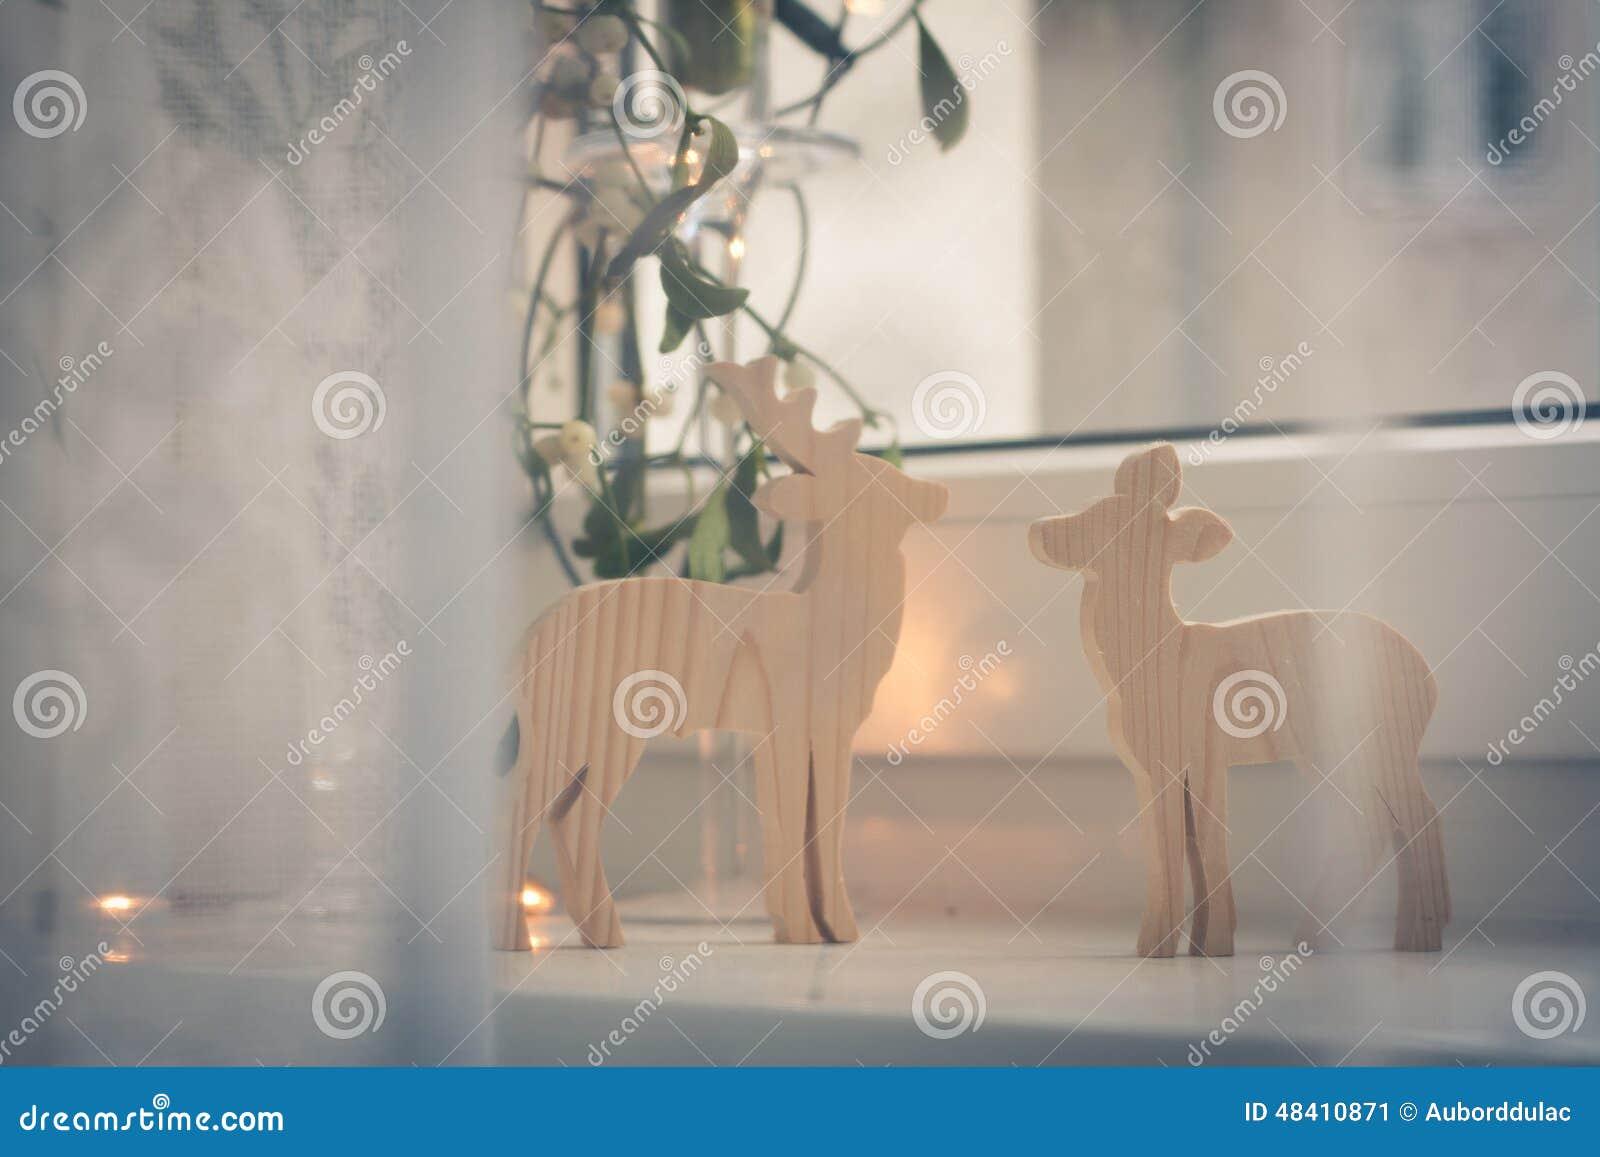 Twig Lamp Christmas Background Stock Photo Image 48410871